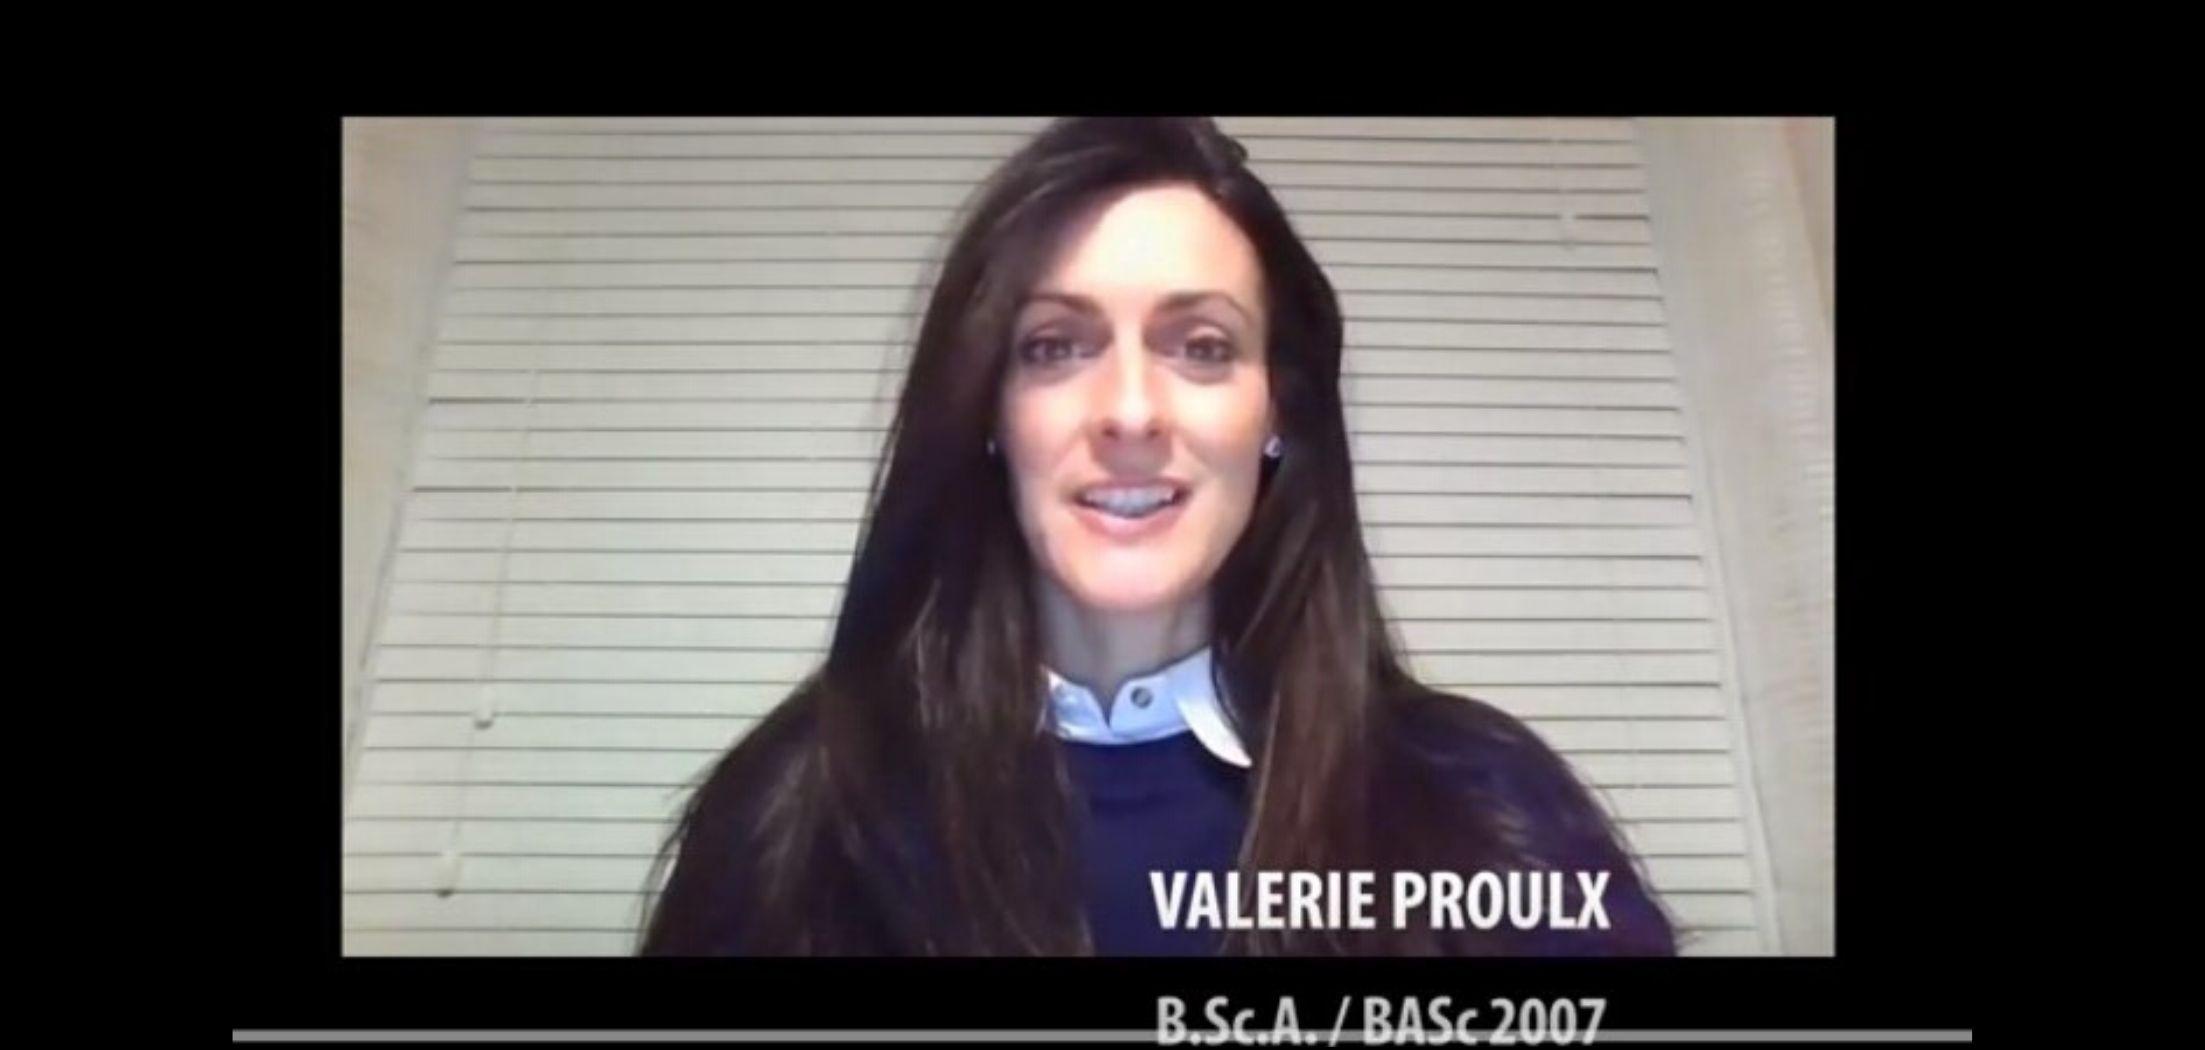 Valérie Proulx, diplômée de la promotion 2007